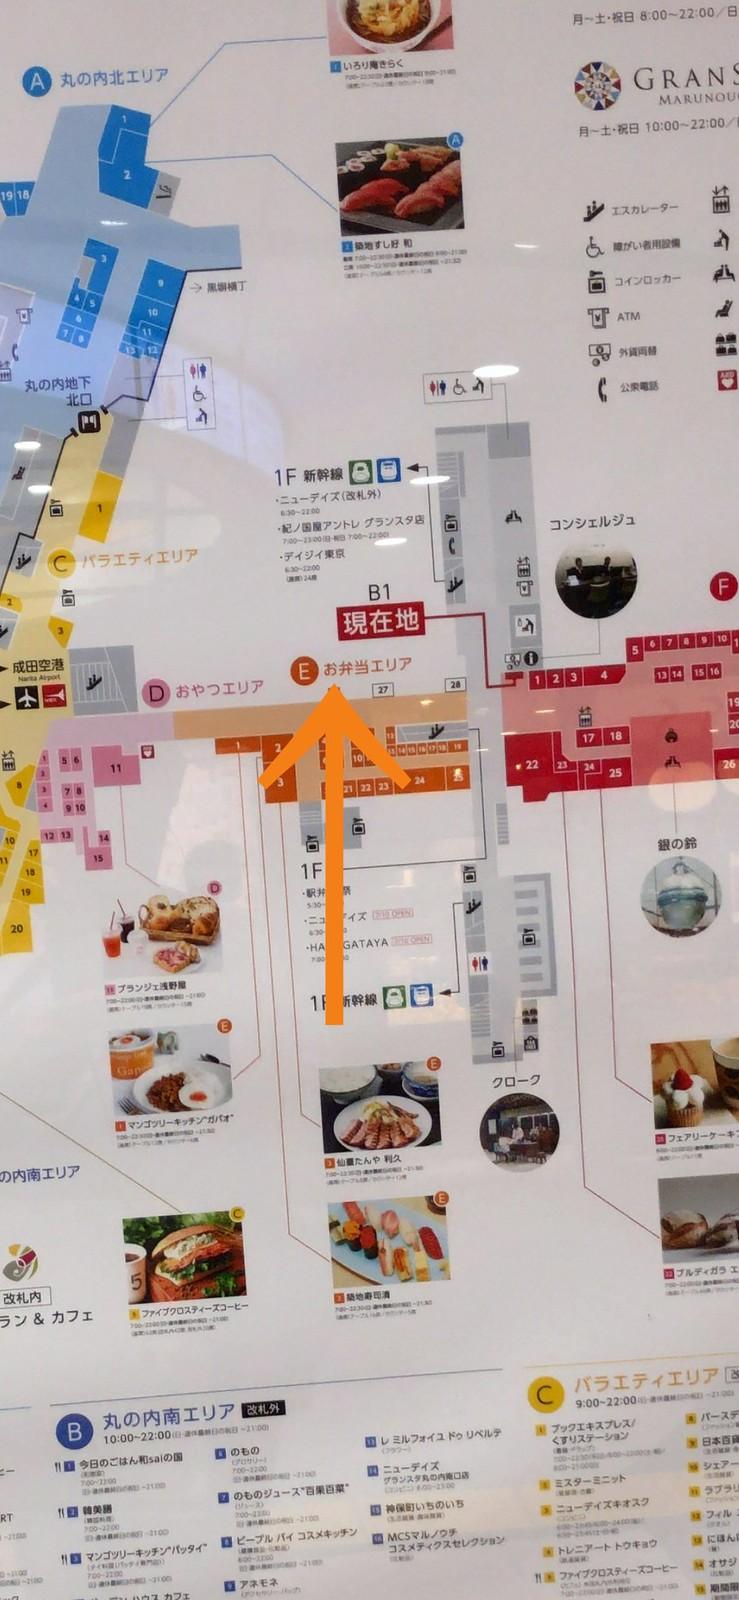 東京駅地下グランスタ「ツオップ(Zopf)」03